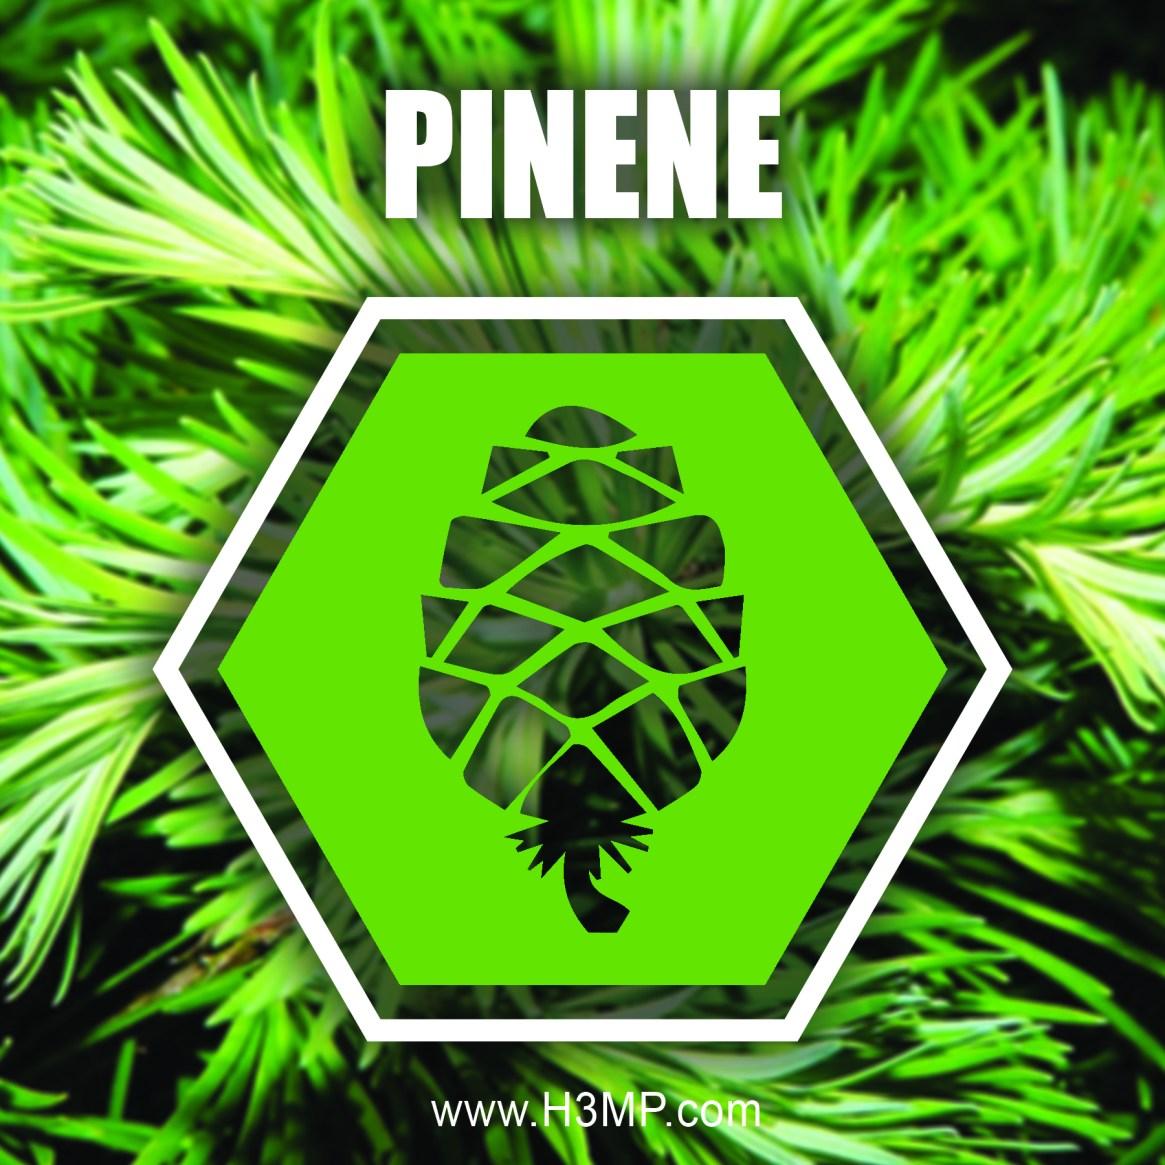 H3MP PINENE_1